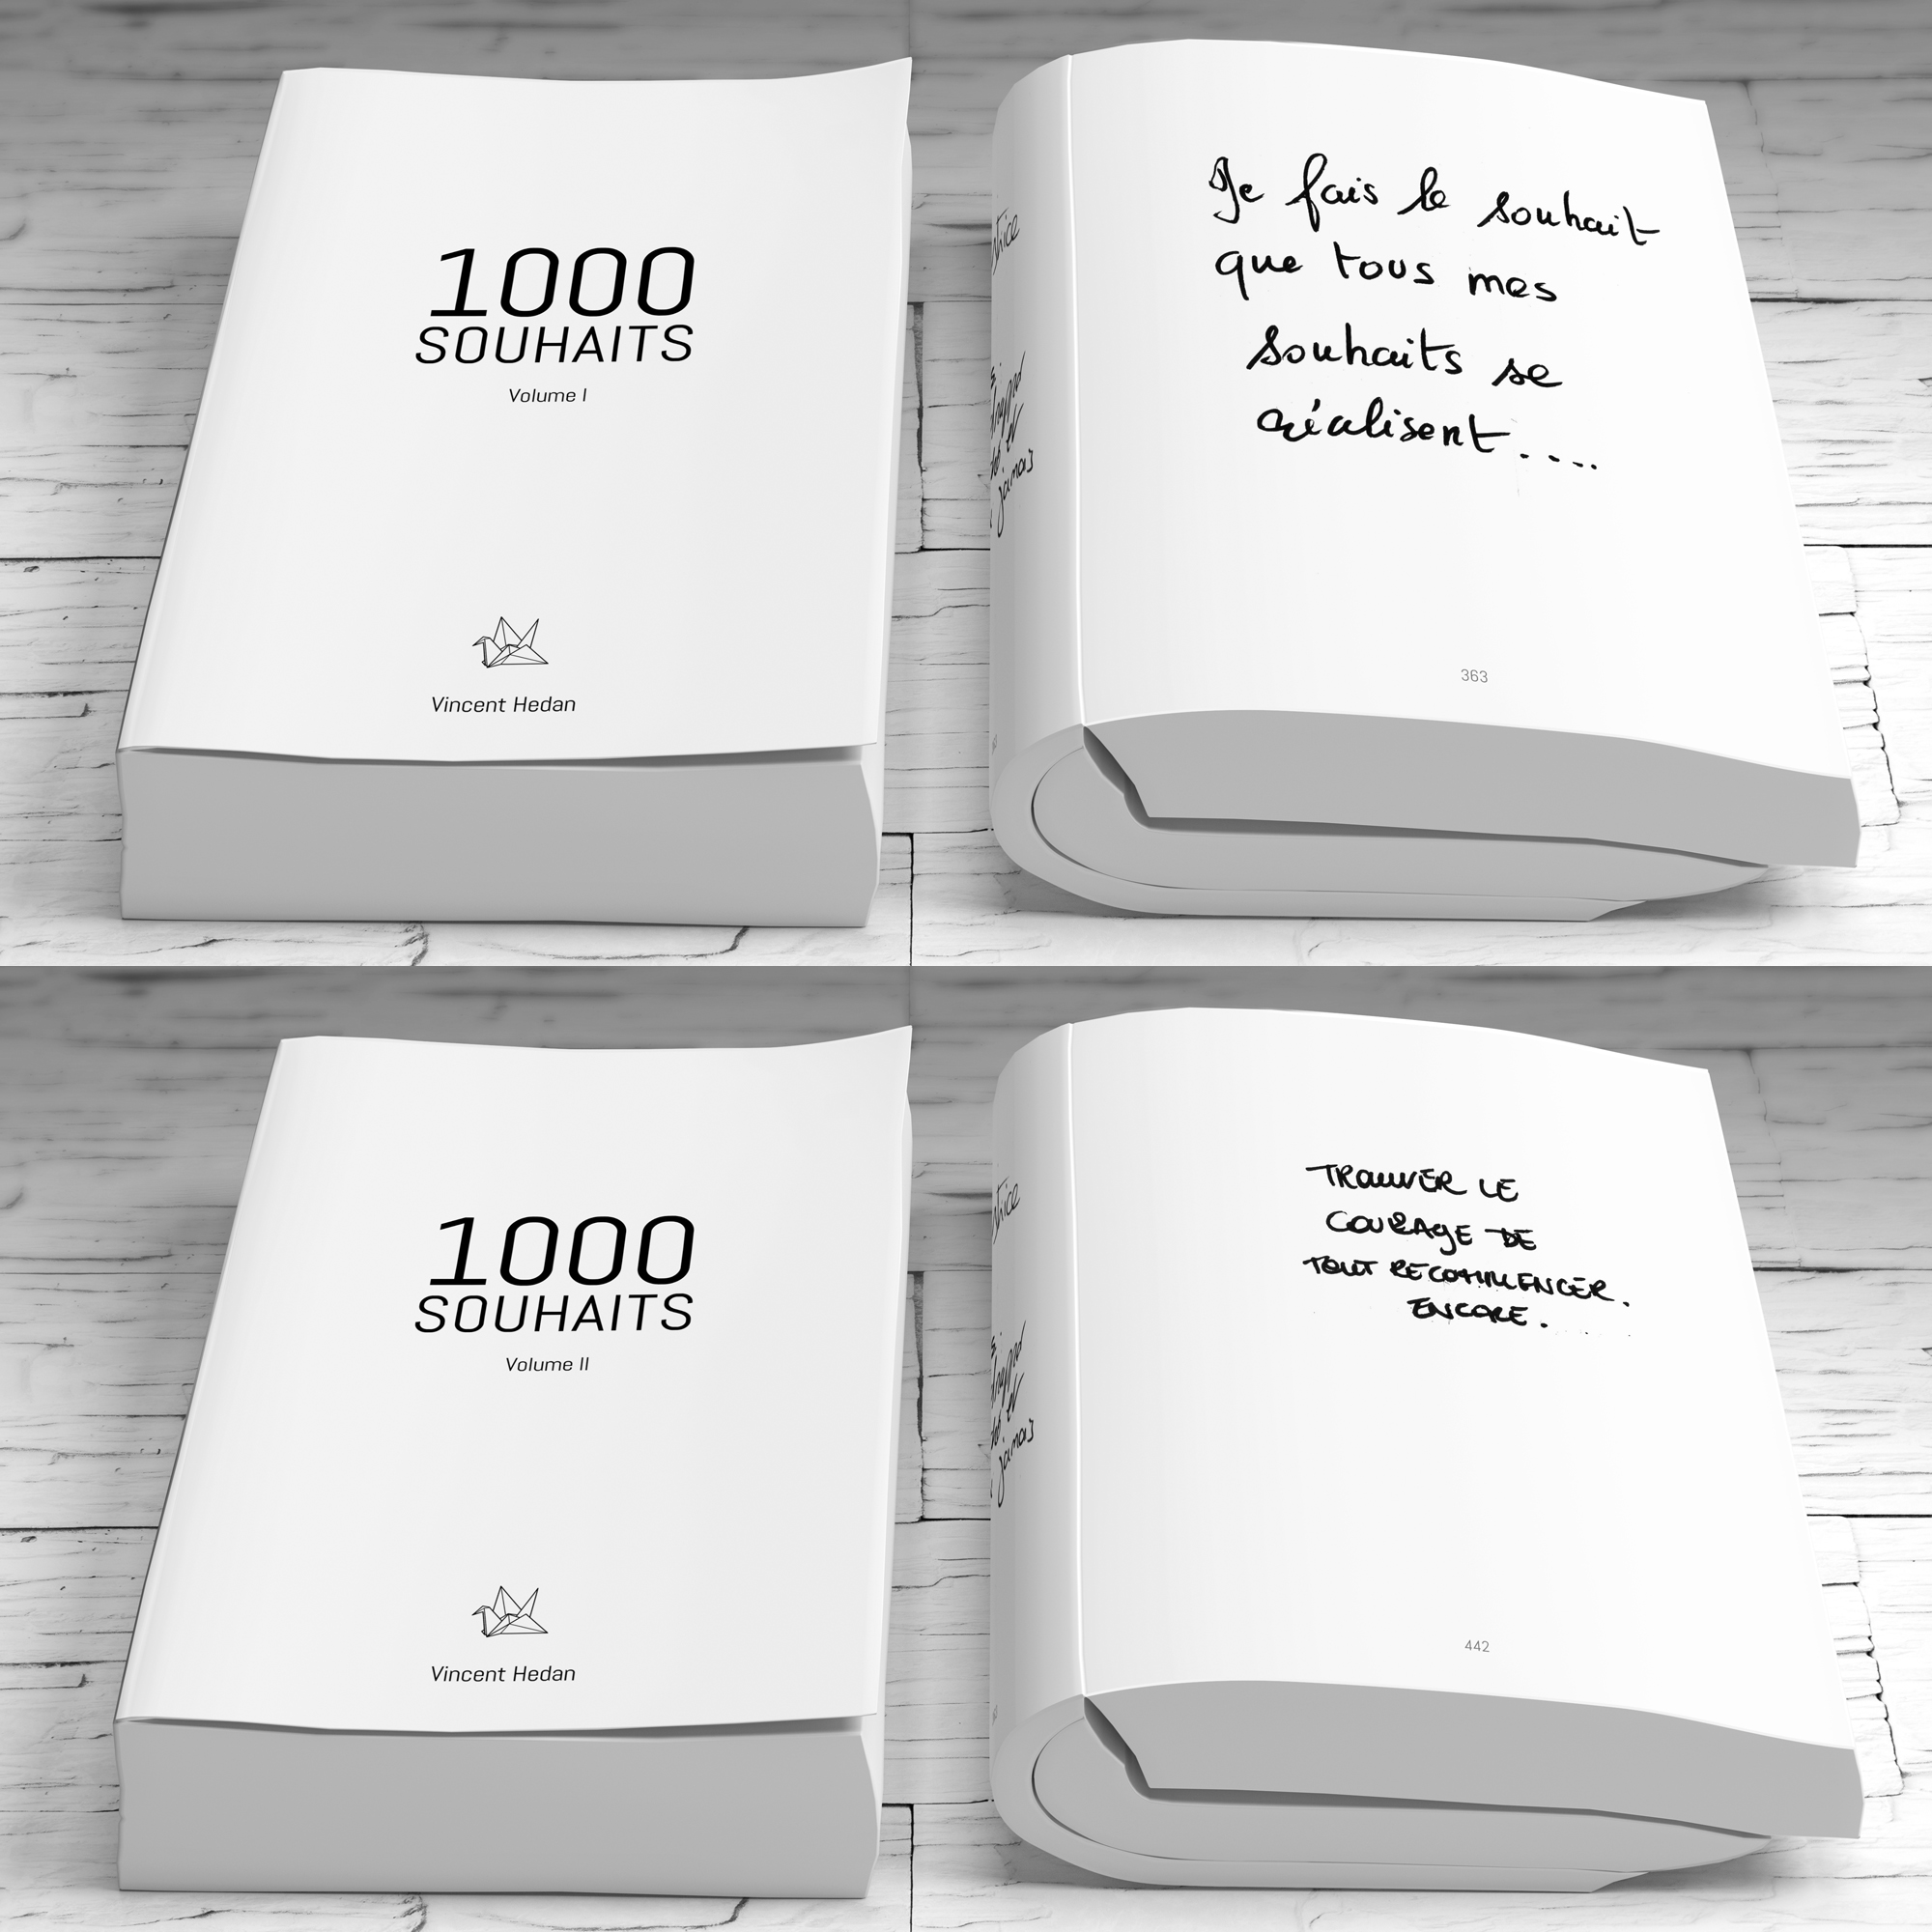 1000 Souhaits - Volumes 1 et 2Dans son spectacle « Le Souhait », Vincent Hedan a récolté des milliers de souhaits anonymes. Les spectateurs entrent dans la salle et sont invités à répondre en quelques mots à une question simple sur un papier : Quel est votre souhait ?Chaque volume réunit 1000 souhaits différents. Des souhaits altruistes et d'autres un peu moins, des amours qui vont bien et d'autres qui vont mal, des histoires, des messages de sagesse, des souhaits qui veulent tout avoir et d'autres qui se contentent de peu. Les spectateurs se sont confiés avec une sincérité et une générosité déconcertante. Leur anonymat est conservé ici et nous permet de nous identifier à leurs rêves et à leurs craintes. Votre souhait se trouve peut-être déjà parmi ces pages. À vous de les découvrir en parcourant cette collection.Chaque livre contient 720 pages, au format 14x21,5cm, en couverture souple. Frais d'envoi offerts.volume 1 : 19€volume 2 : 19€